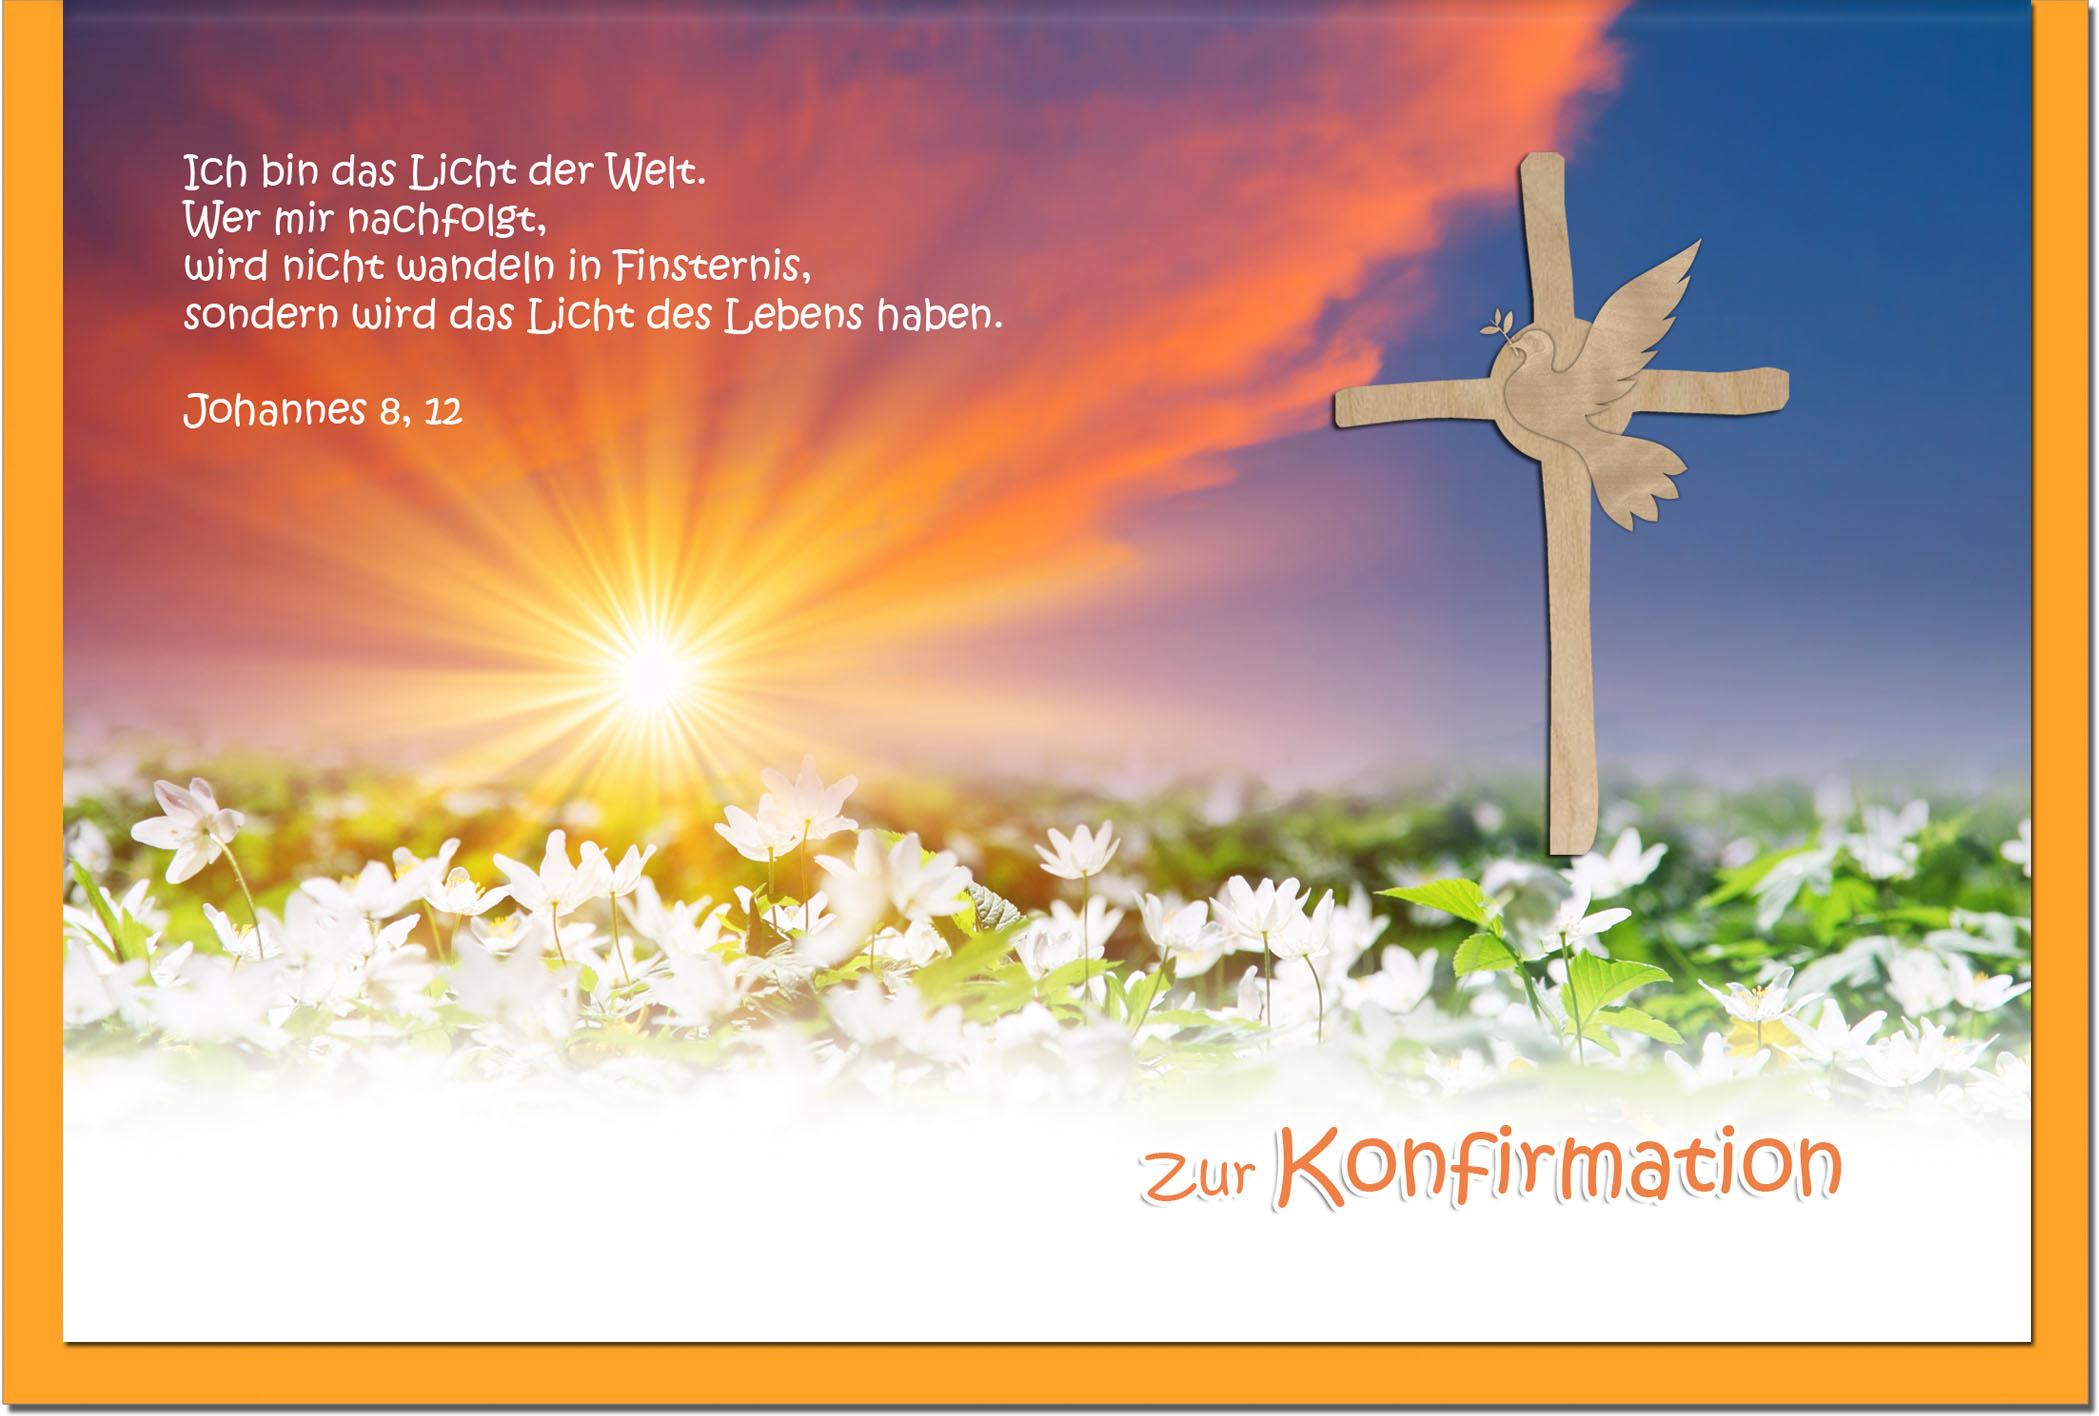 Konfirmationskarten / Grußkarten / Glückwunschkarten /Konfirmation Blumenwiese